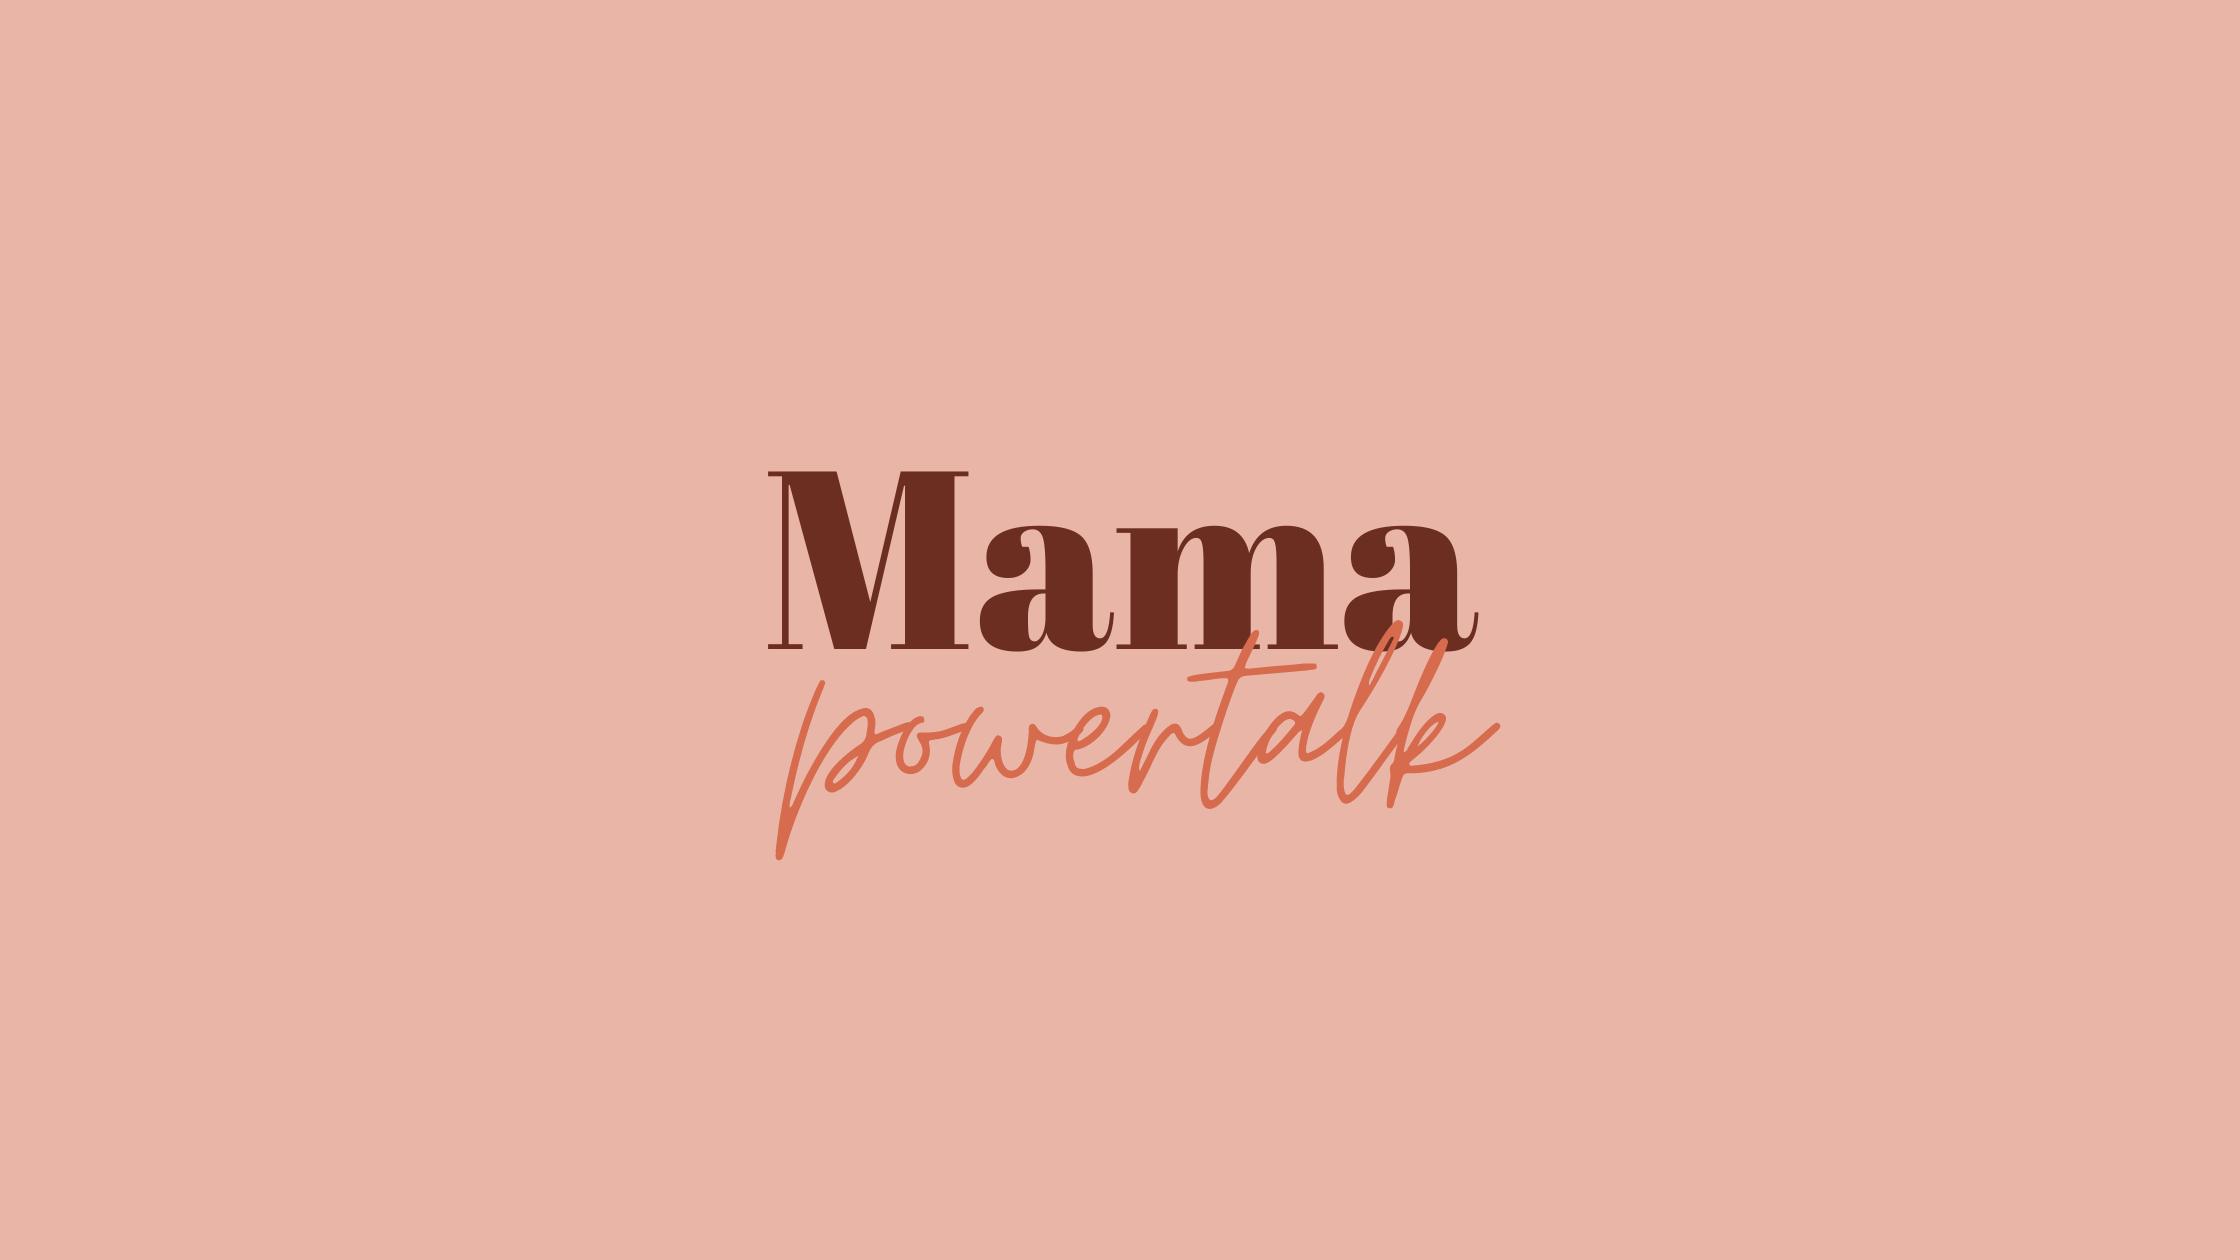 Powertalk: Du schaffst das, Mama! Ermutigung für dein Mamaleben und einen kraftvollen Tag